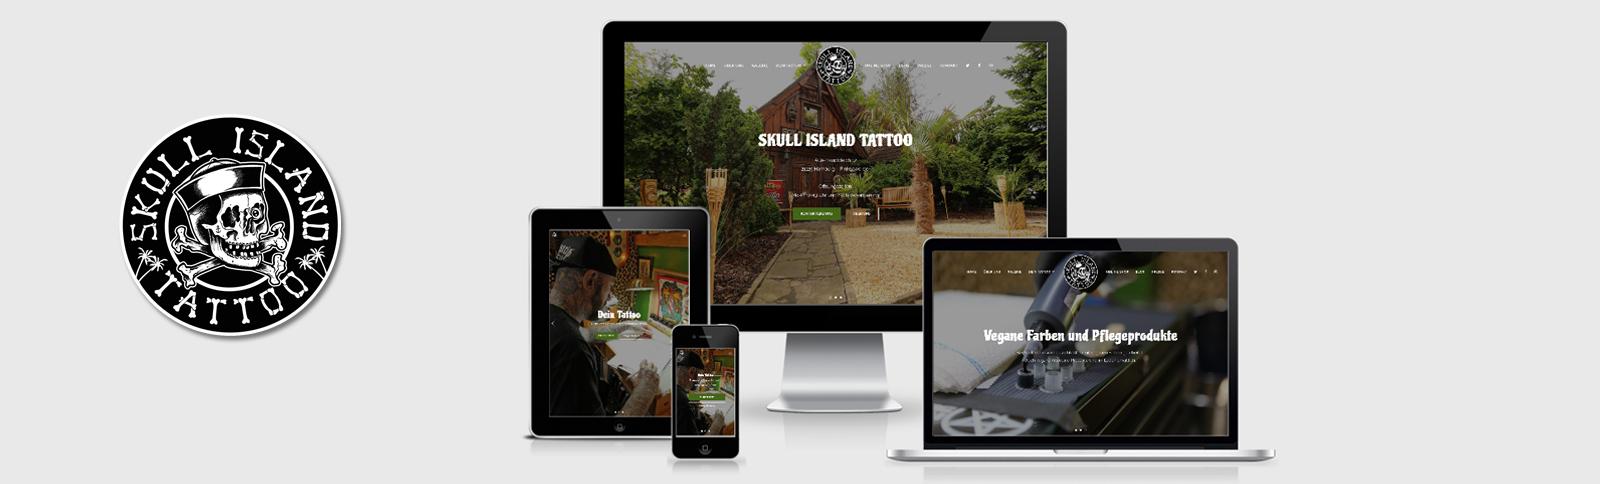 Fotoshooting und Erstellung der Homepage für Skull Island Tattoo durch Kähler & Kähler.